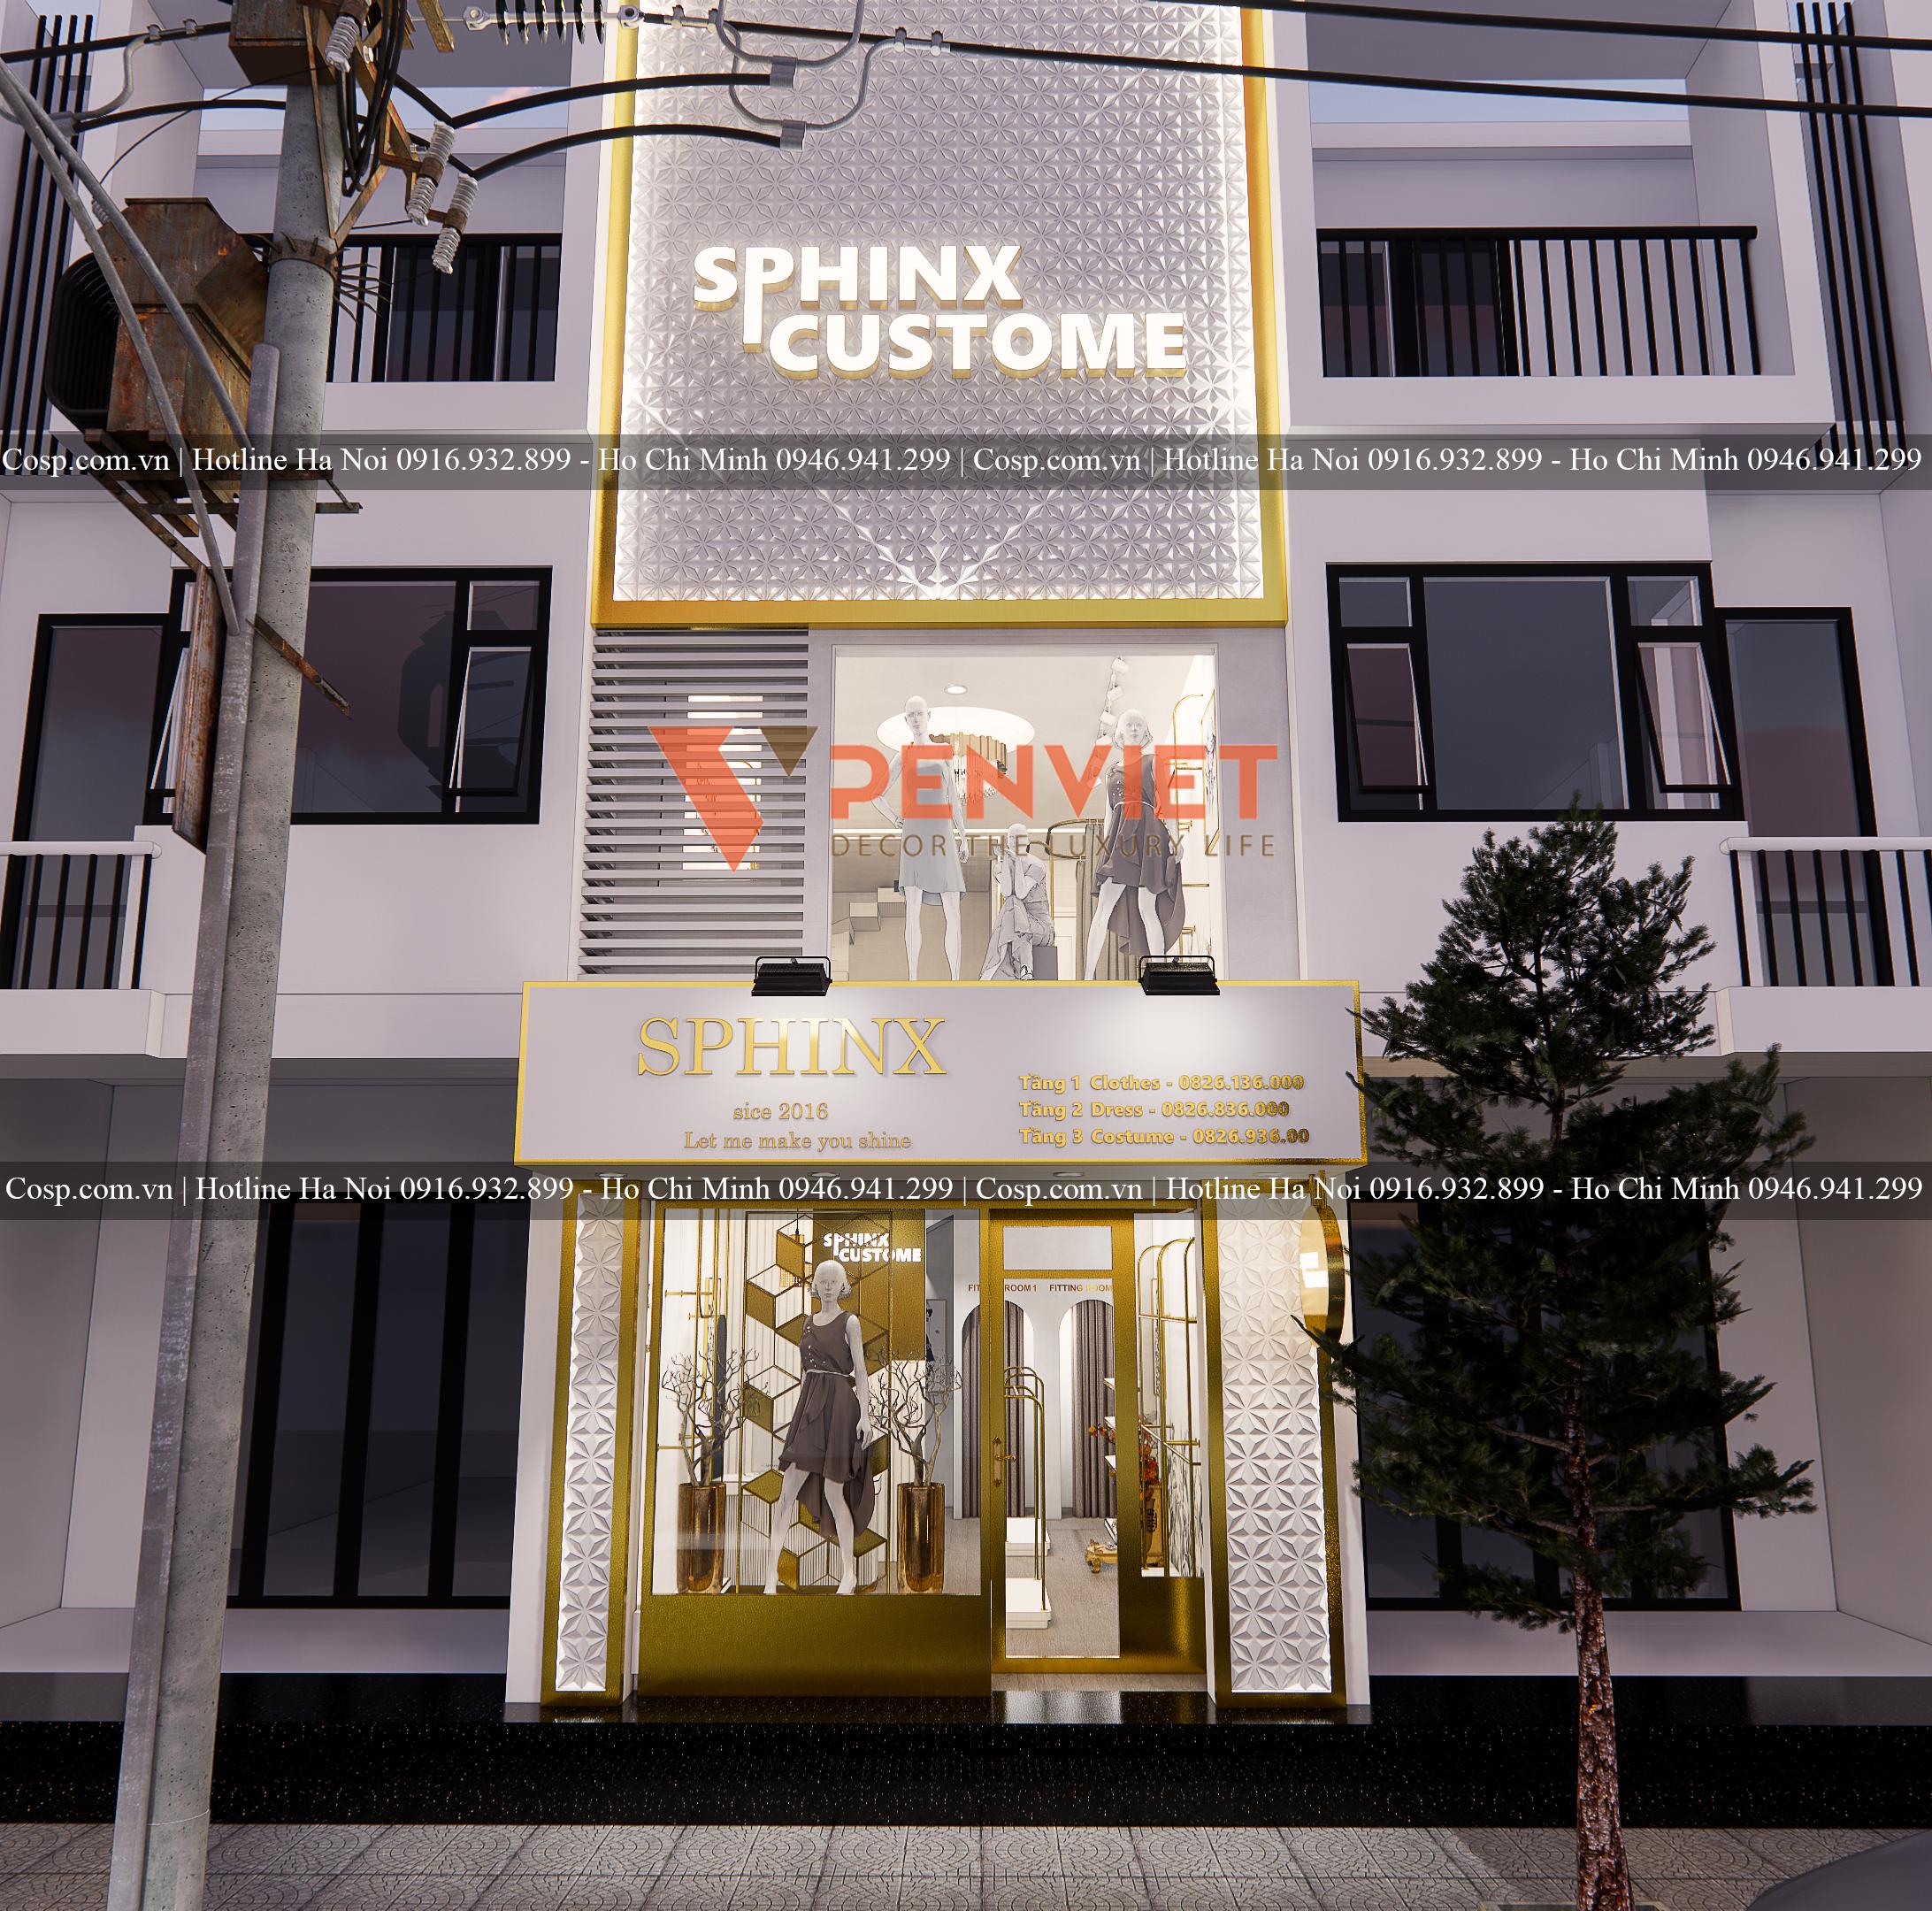 Mẫu thiết kế shop thời trang ấn tượng